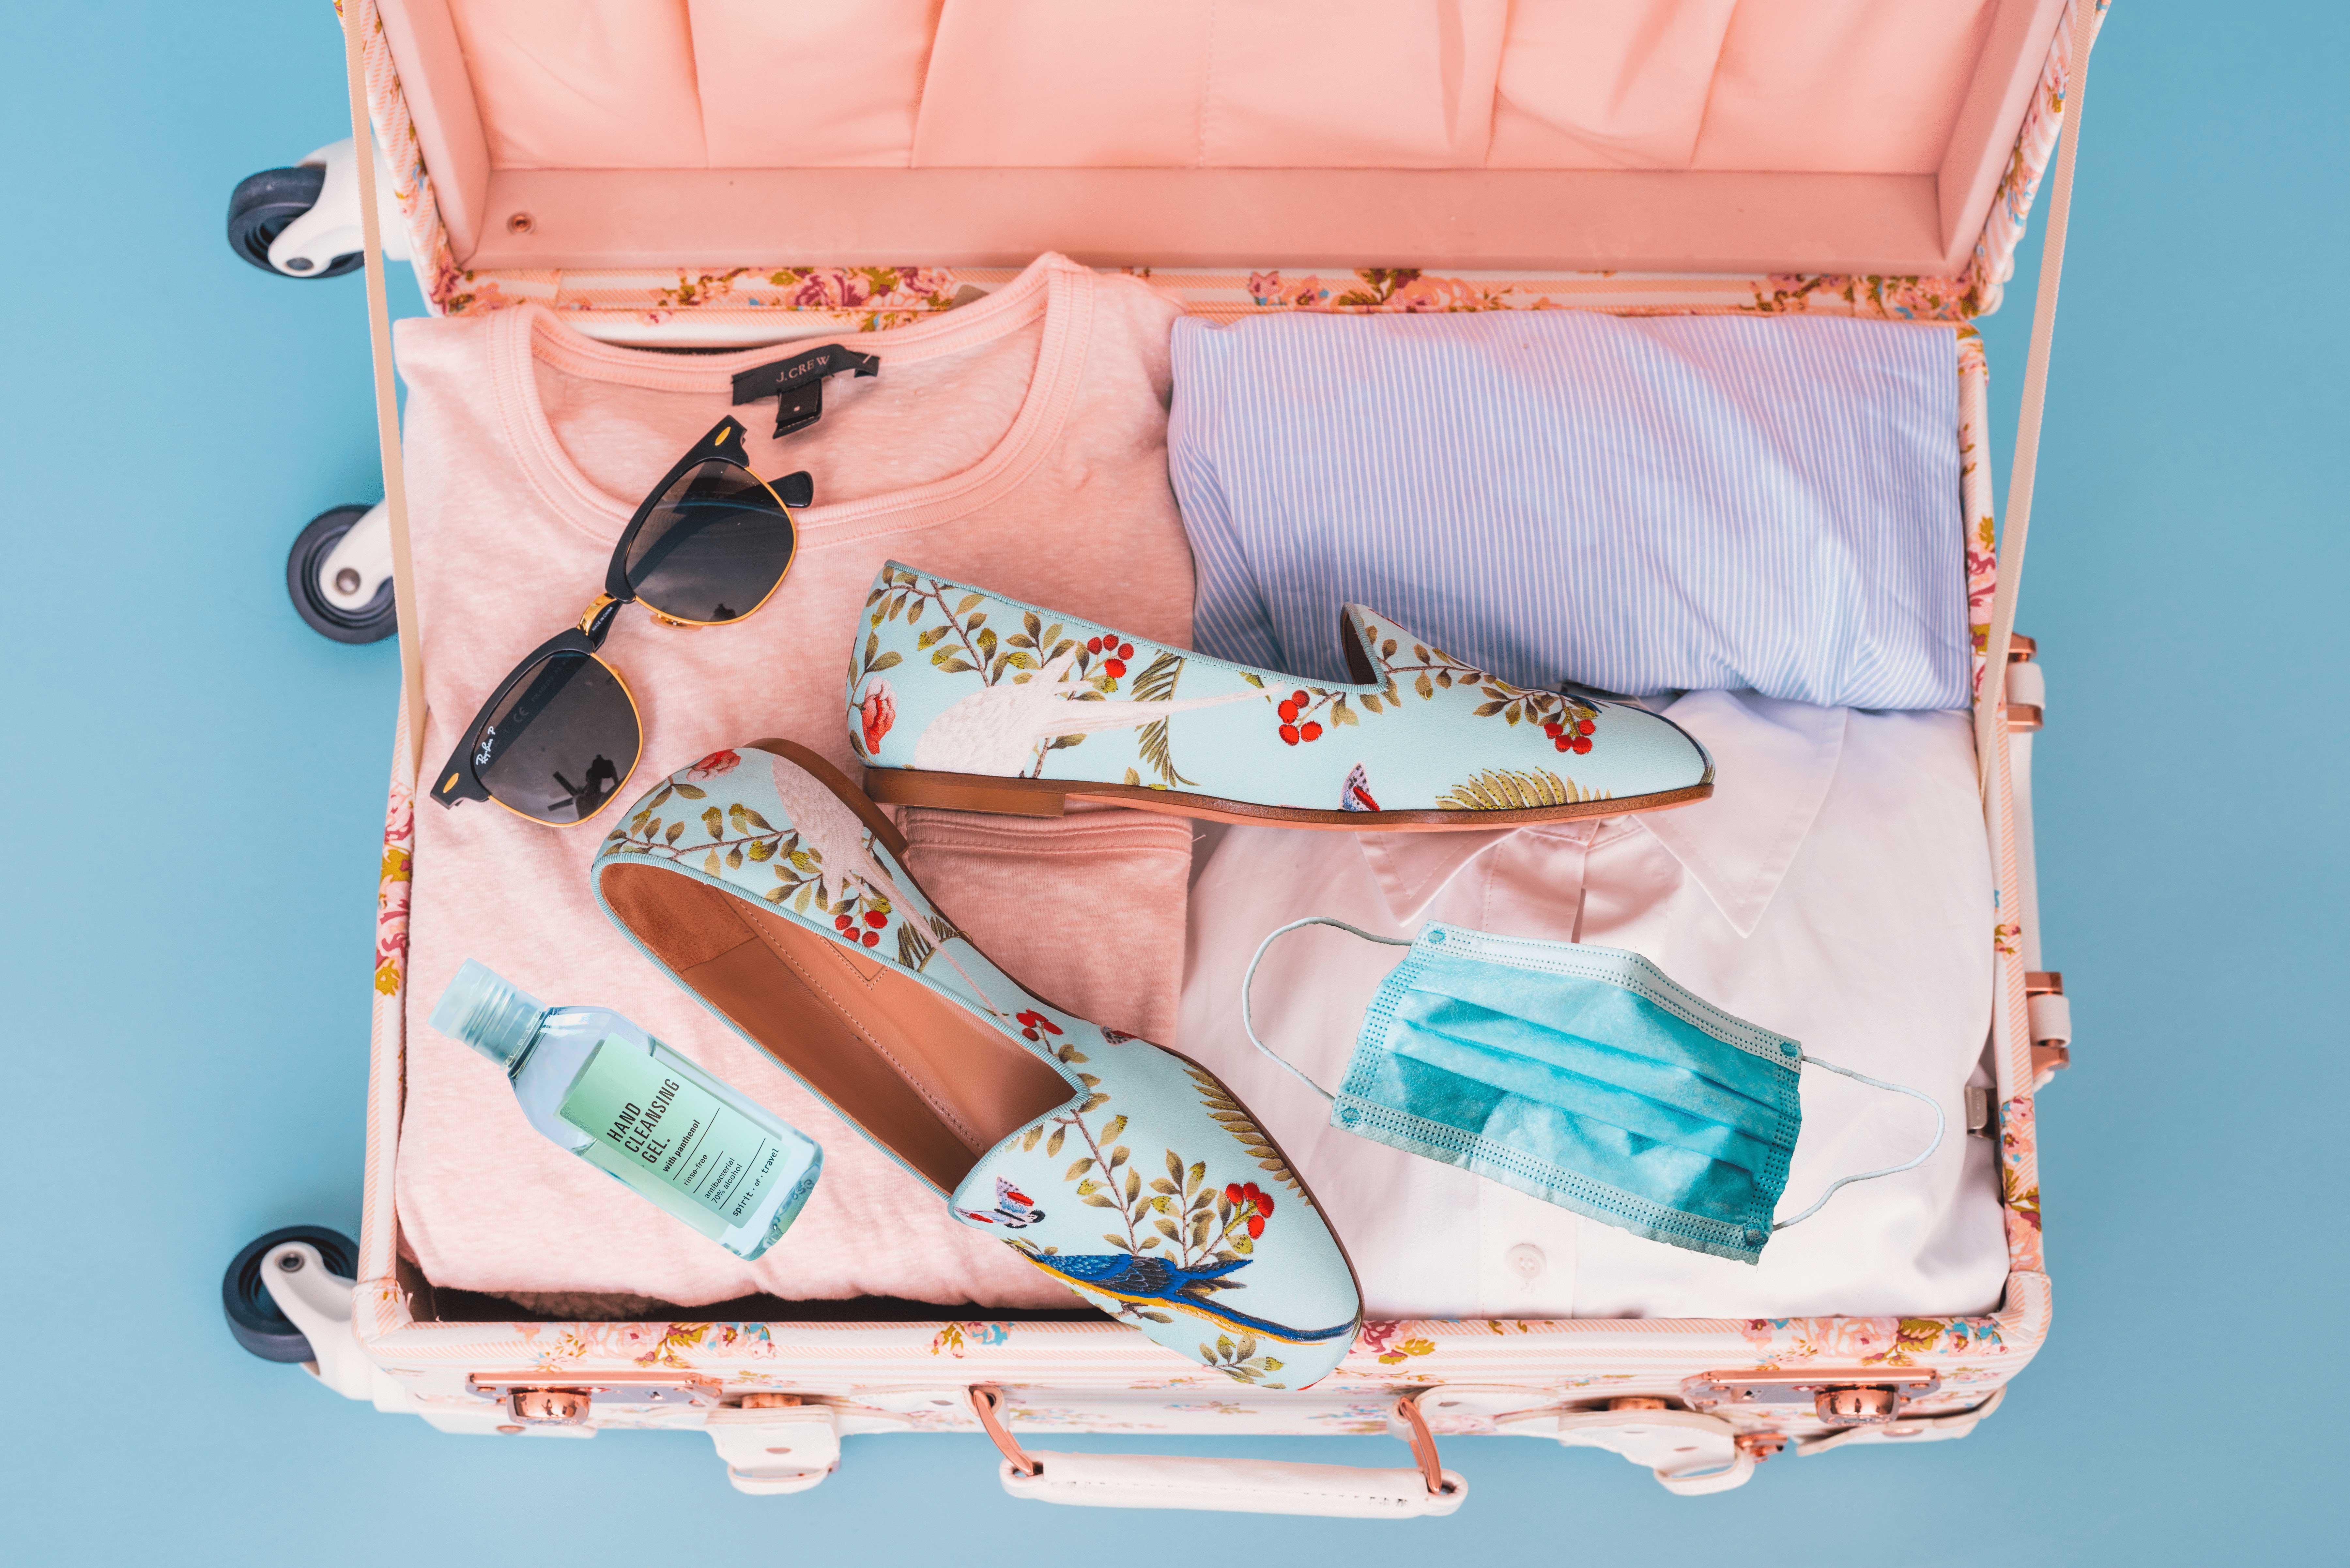 Préparer sa valise en temps de Covid-19 - @Arnel Hasanovic - Unsplash